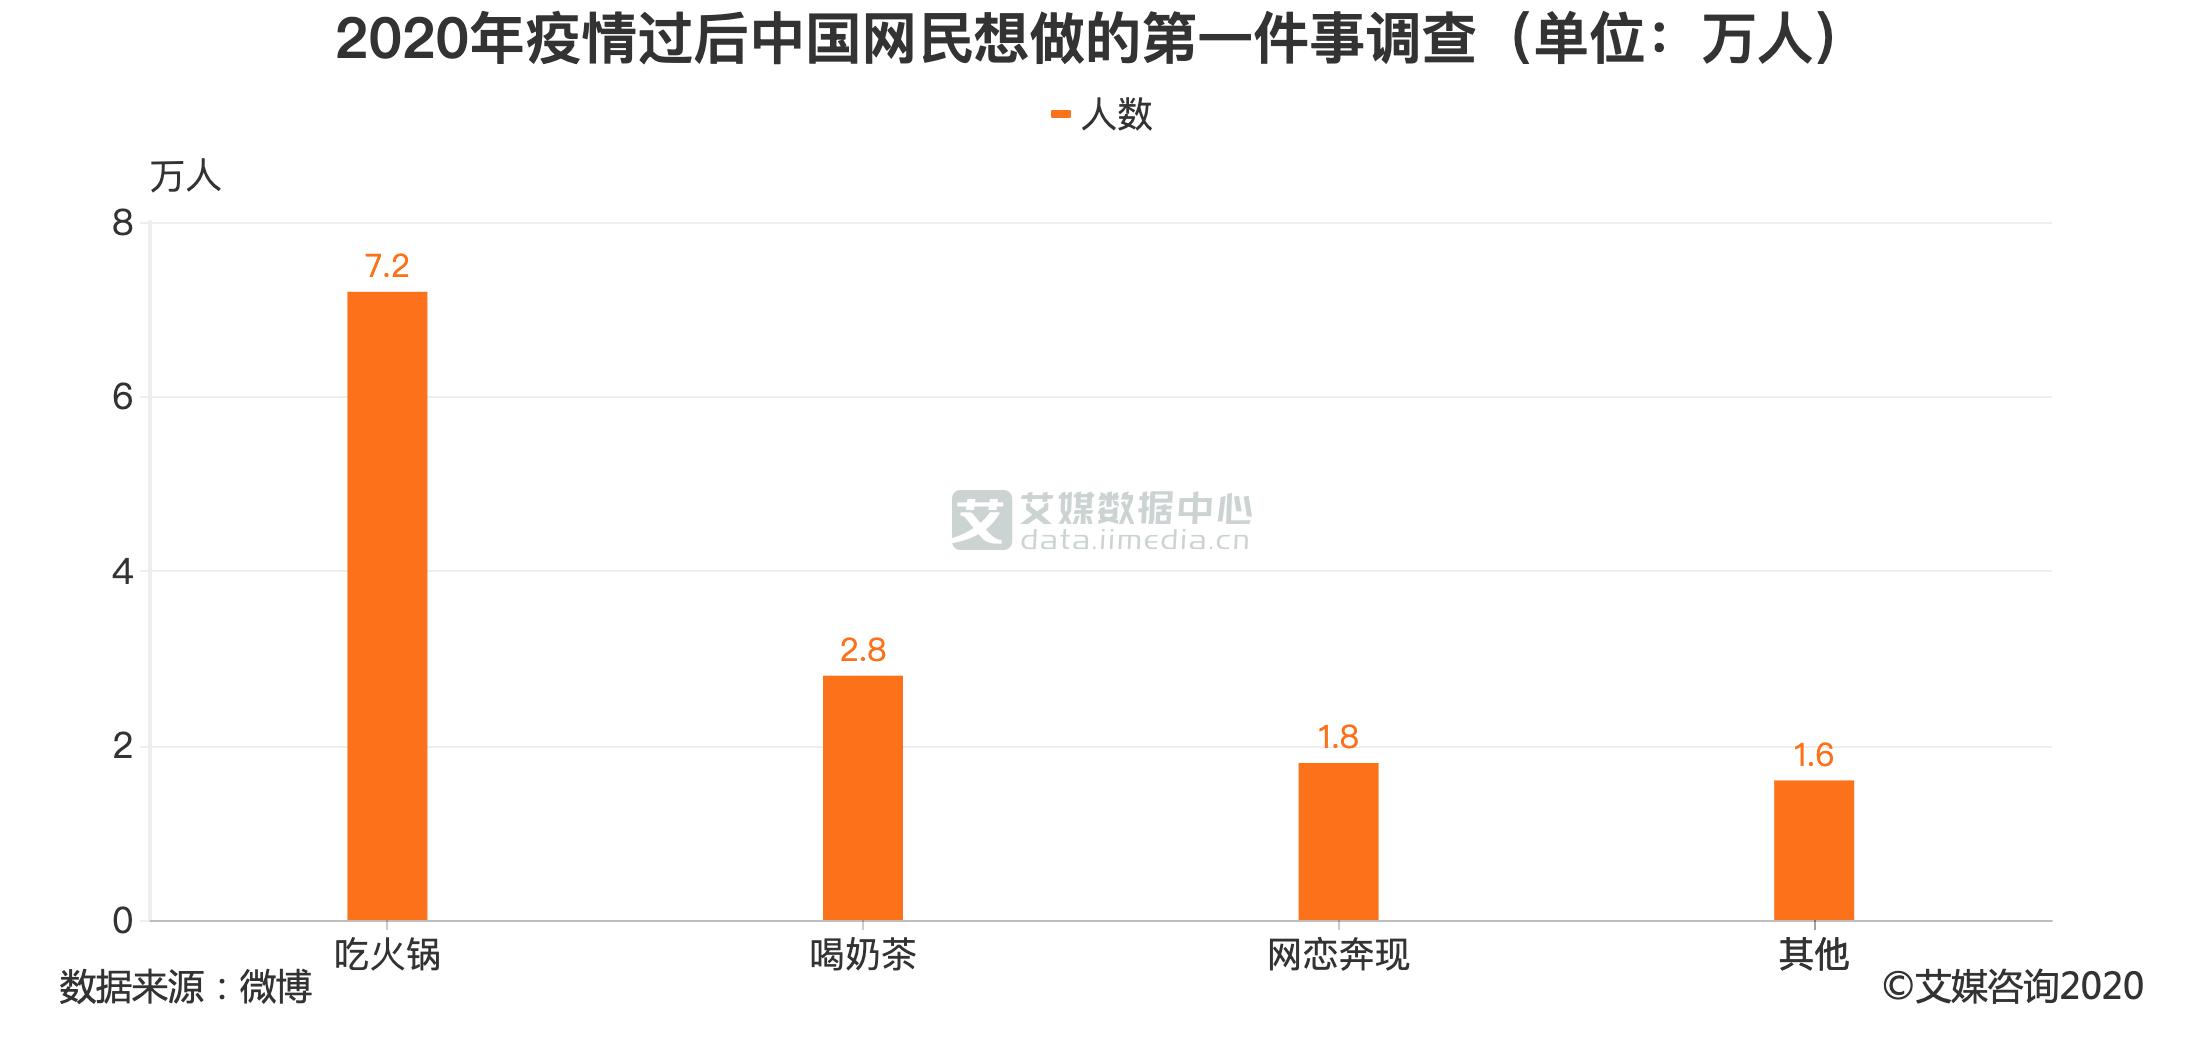 2020年疫情过后中国网民想做的第一件事调查(单位:万人)